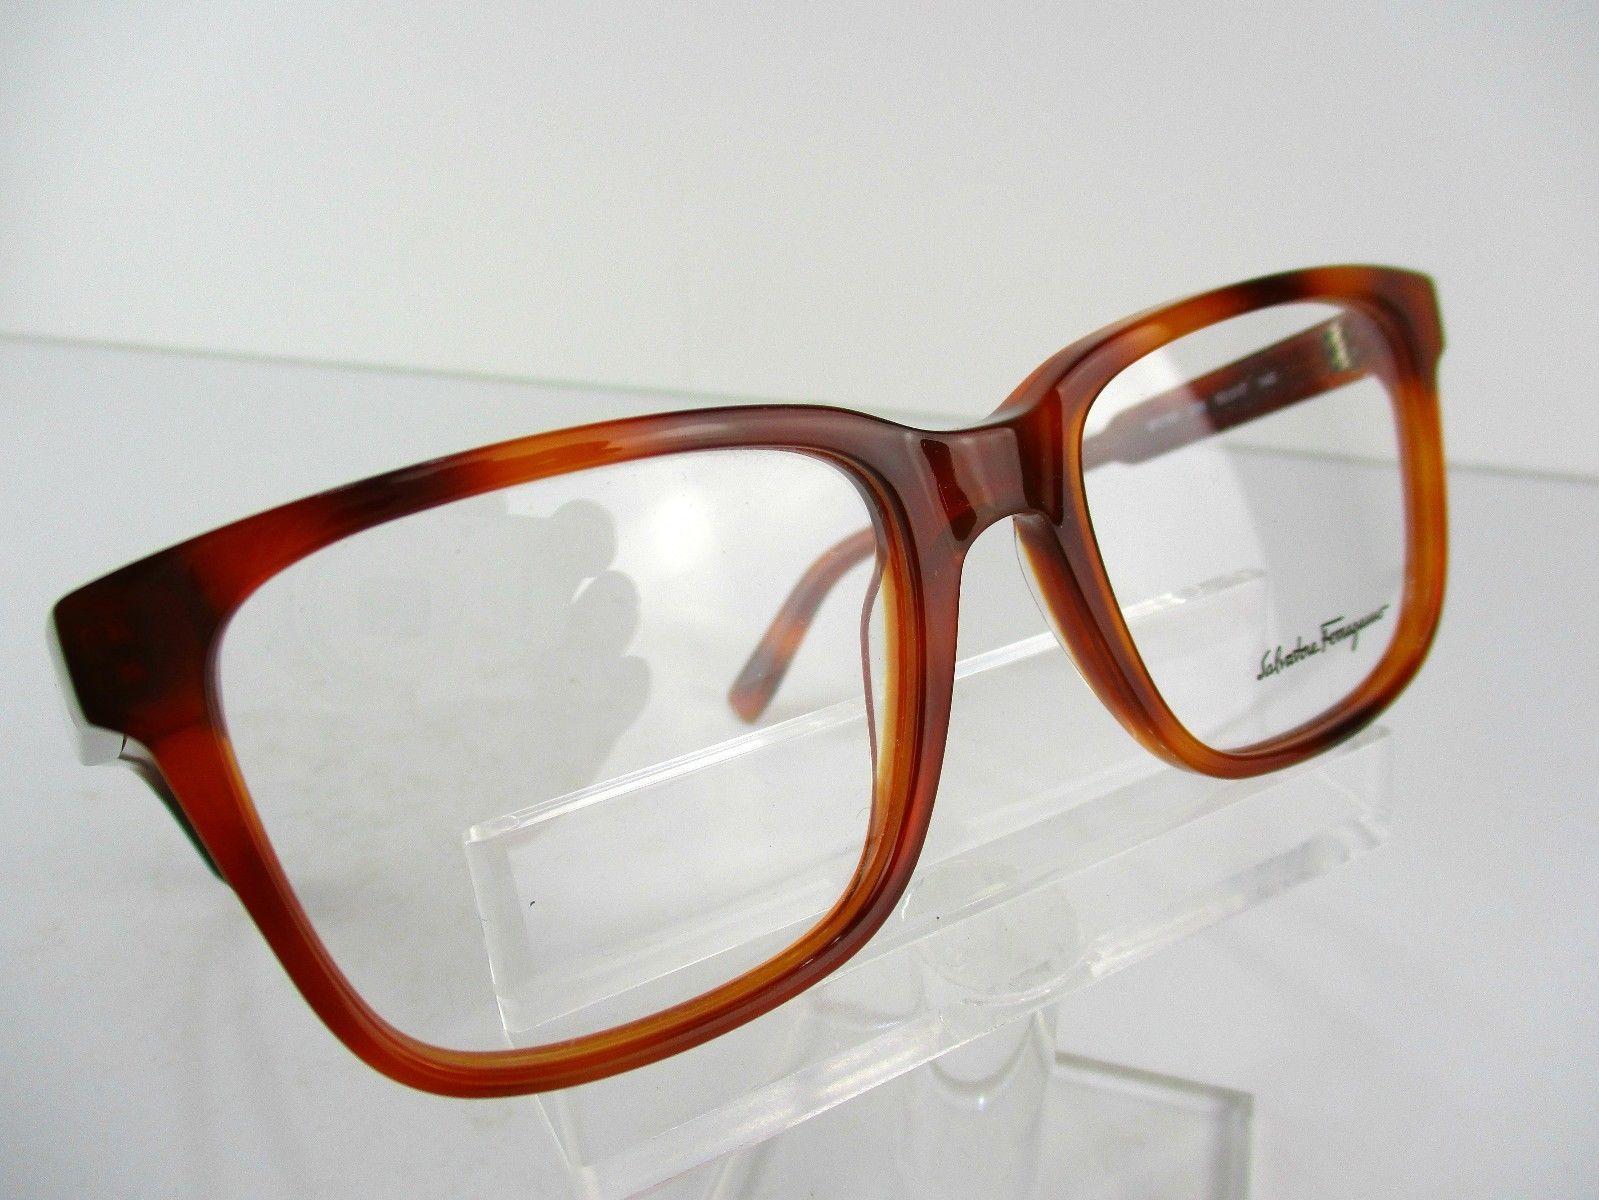 63e7985be23 Salvatore Ferragamo SF 2753 (218) Blonde and 26 similar items